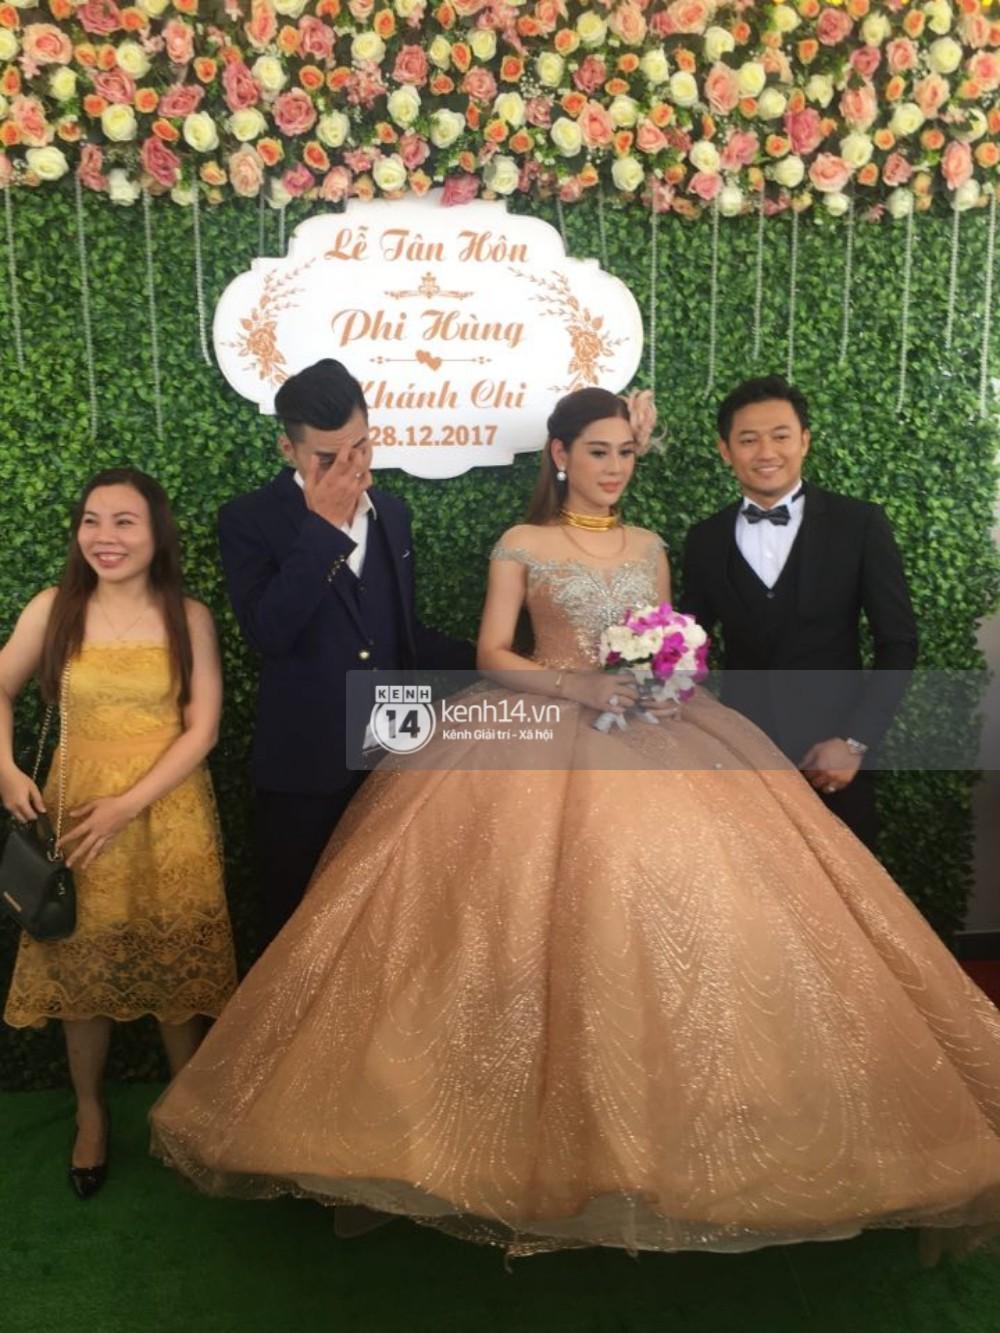 Lâm Khánh Chi hôn đắm đuối chú rể, thay váy đỏ nổi bần bật như công chúa trong lễ cưới - Ảnh 18.